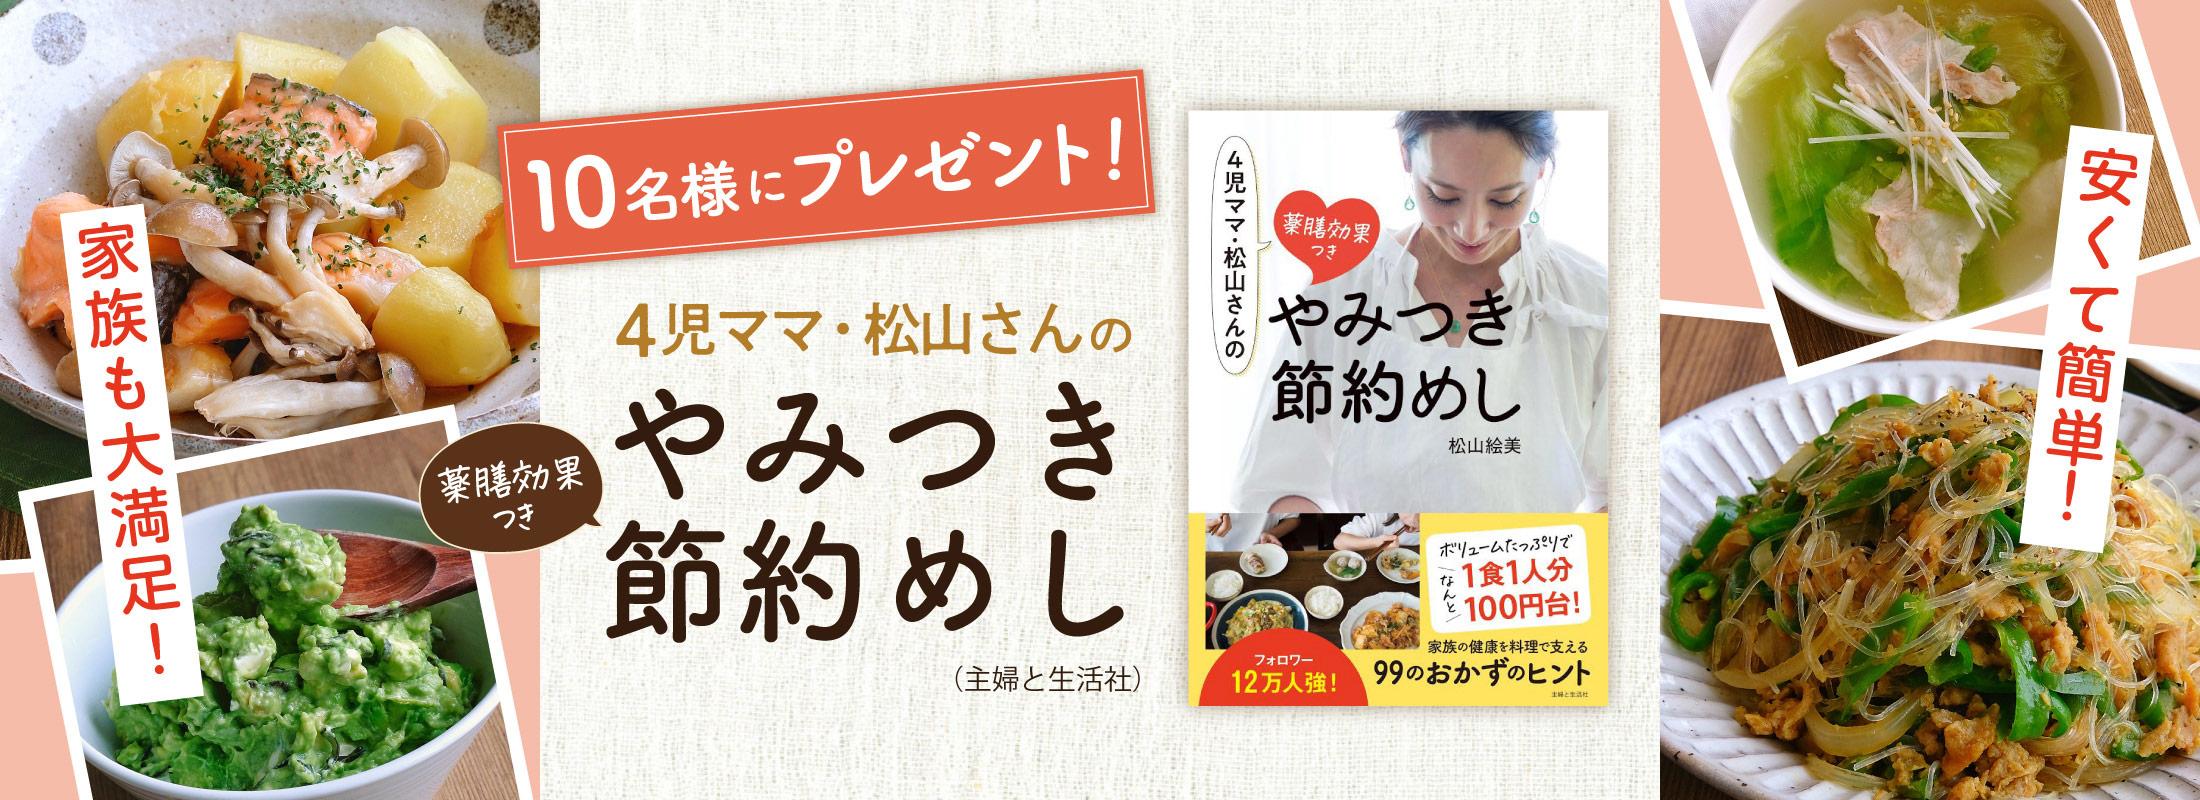 安くて簡単&家族も大満足!「4児ママ・松山さんの薬膳効果つき やみつき節約めし」(主婦と生活社)を10名様にプレゼント!